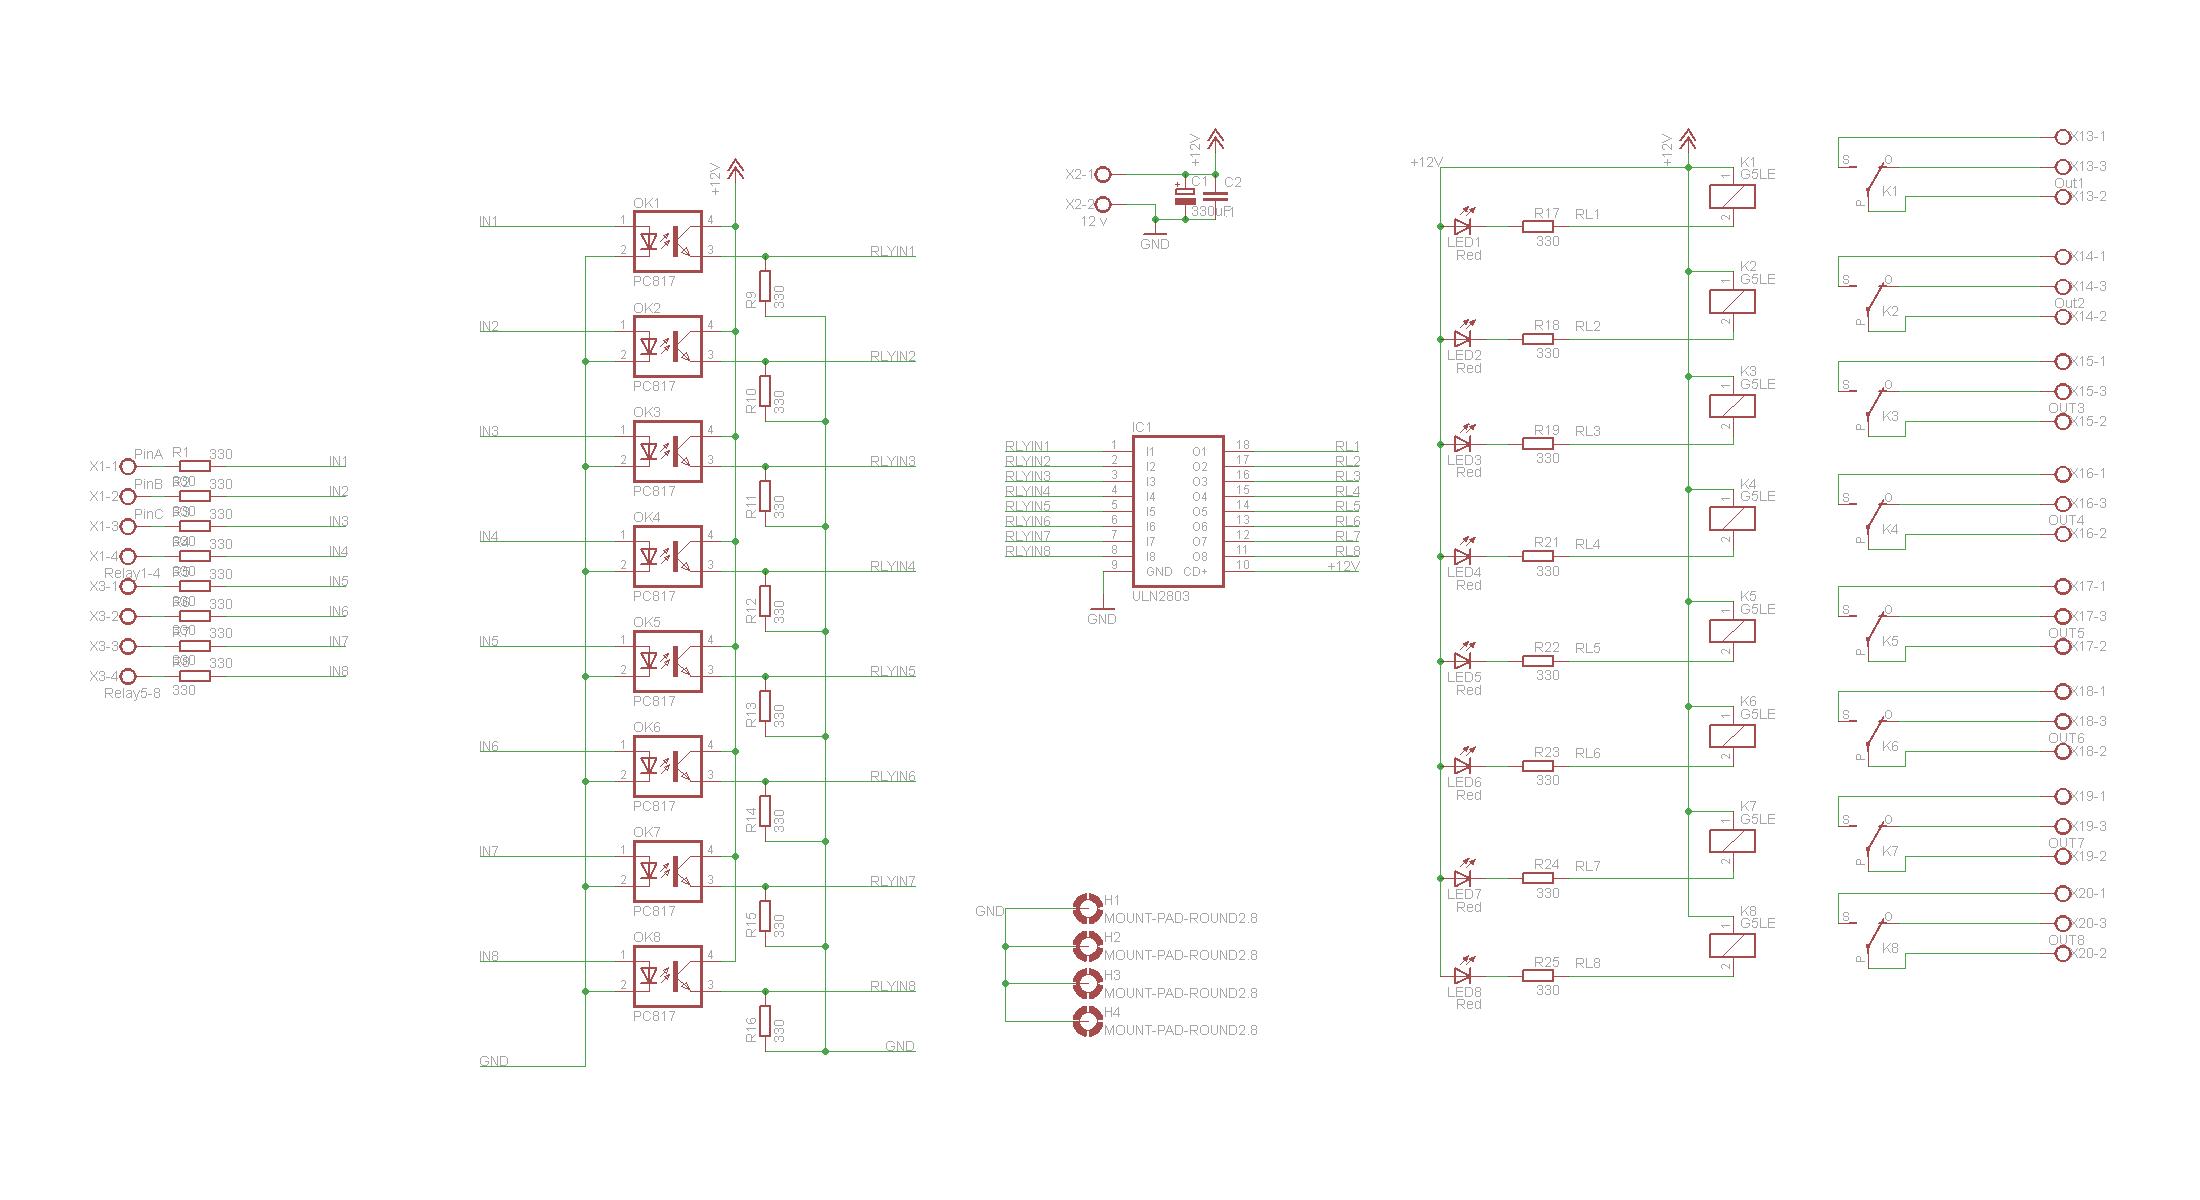 optoisolated relay board electronicslab